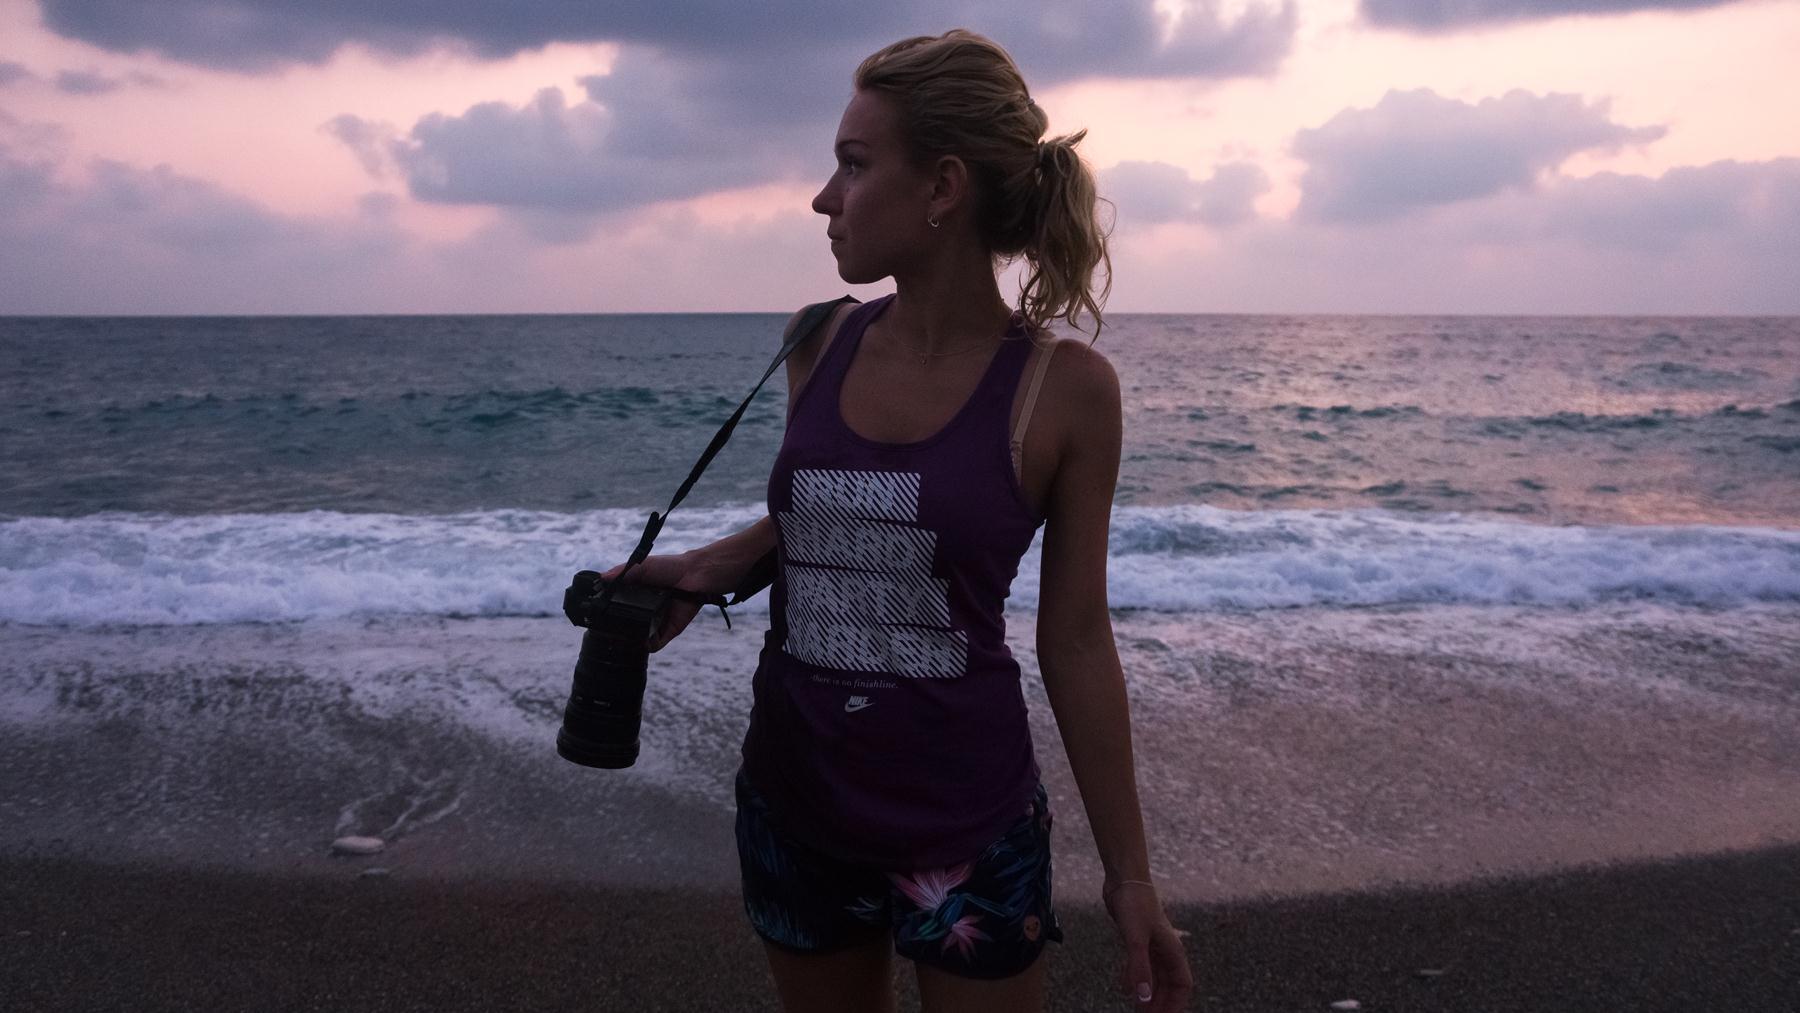 С каждой секундой заката на пляже Лара становится все красивее и ярче